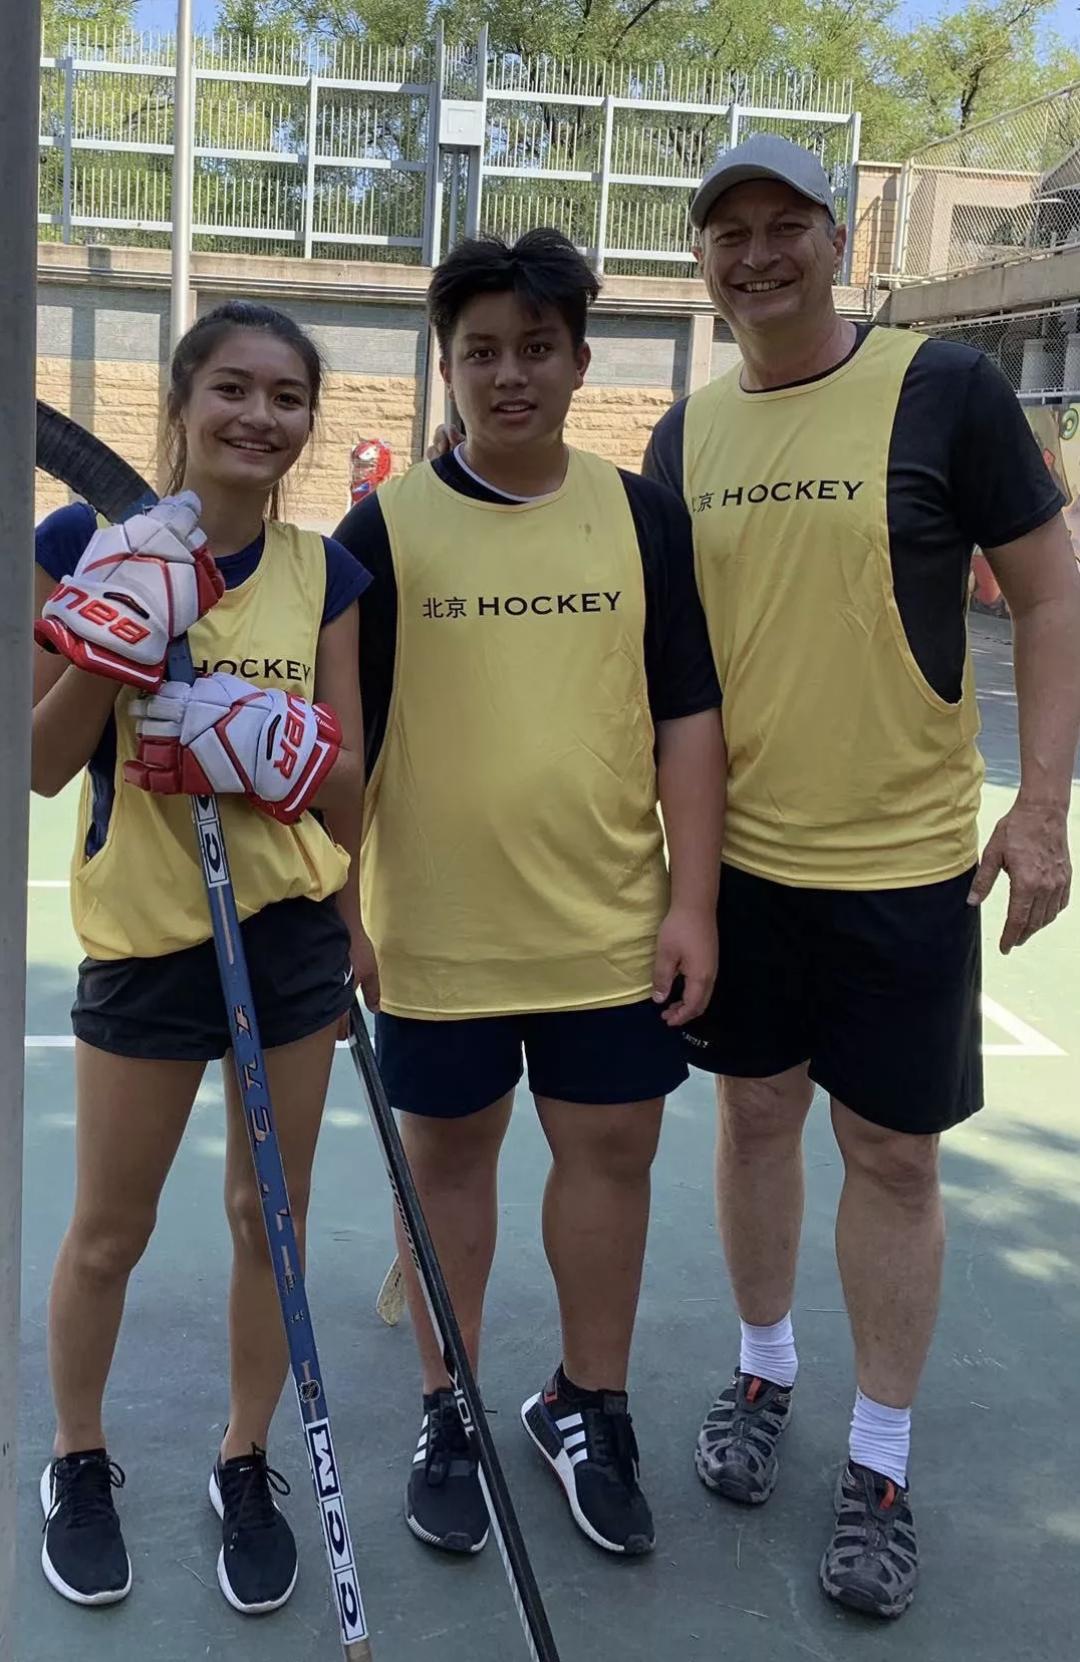 北京 Hockey Tournament Supports Charity for Blind Children